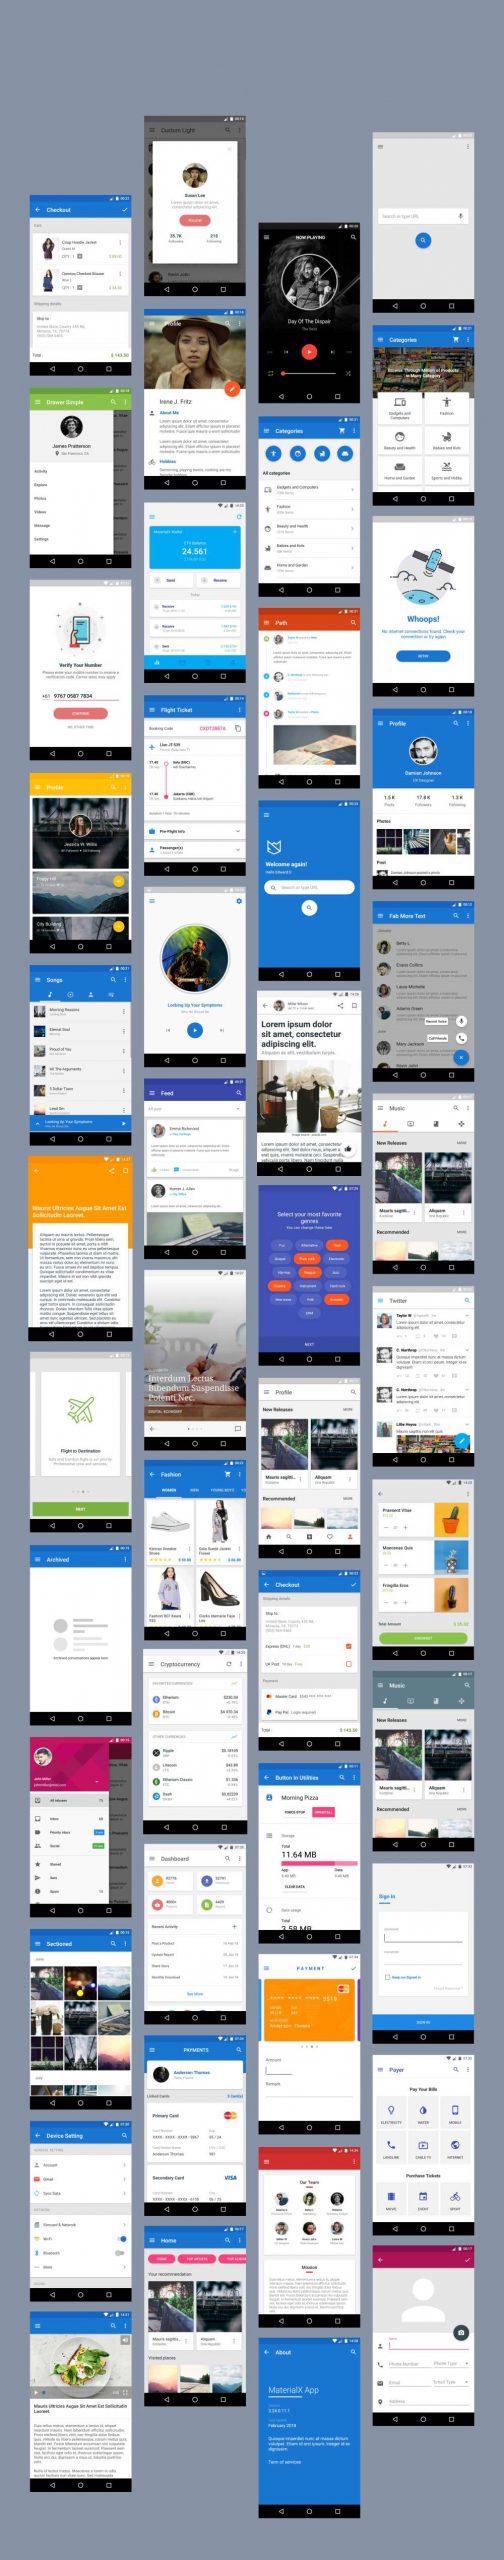 پکیج کامل سورس اندروید قالب های آماده متریال دیزاین Material Design   مارکت سورس اندروید ریور